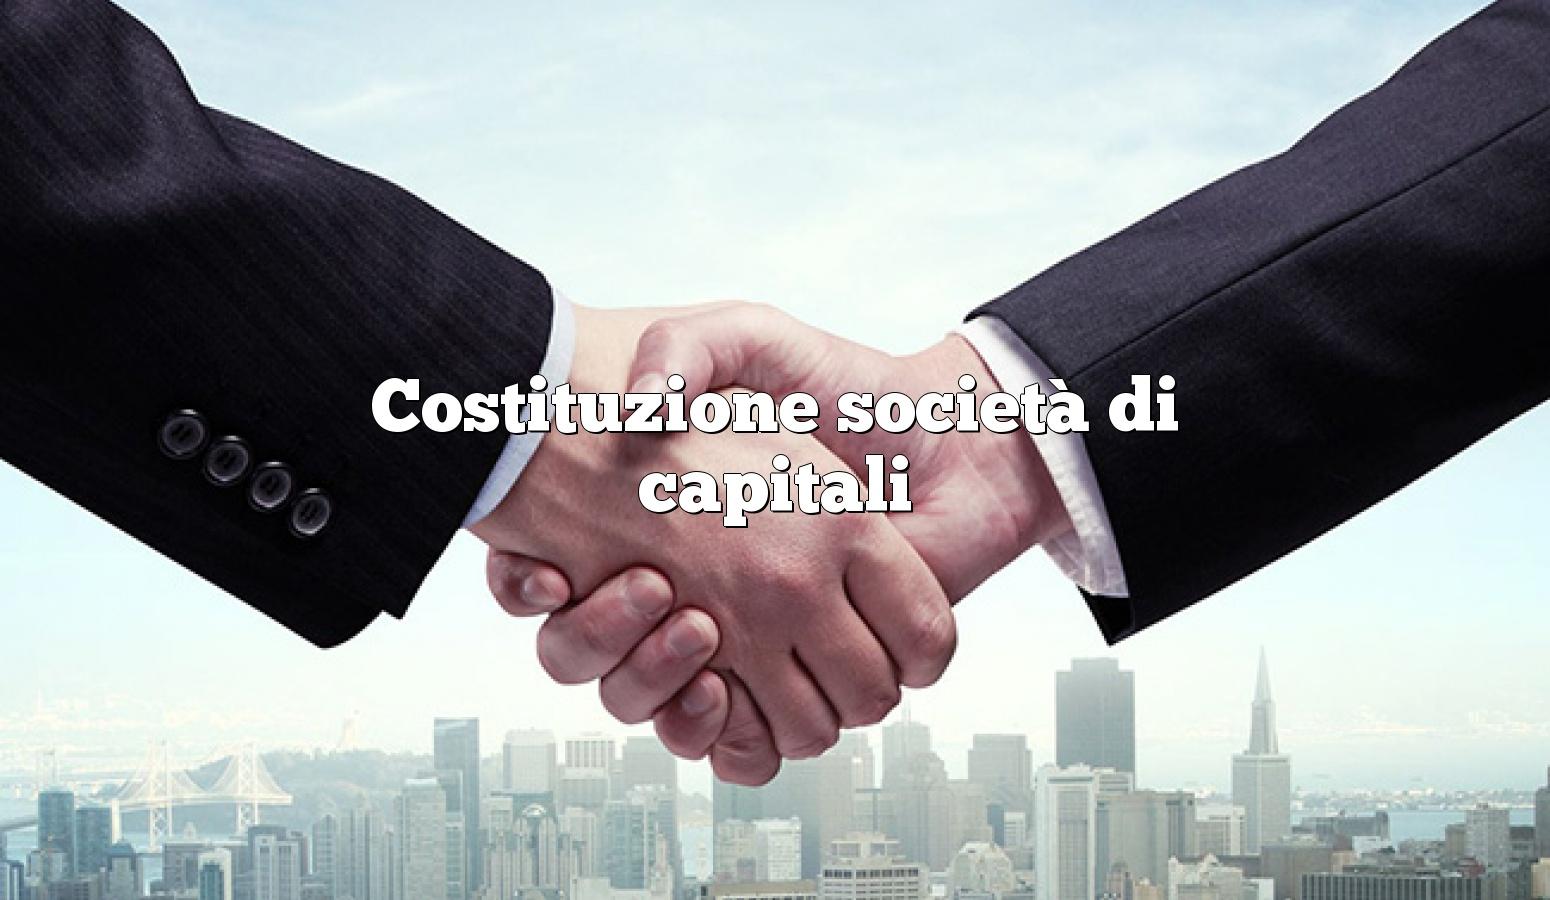 Costituzione società di capitali